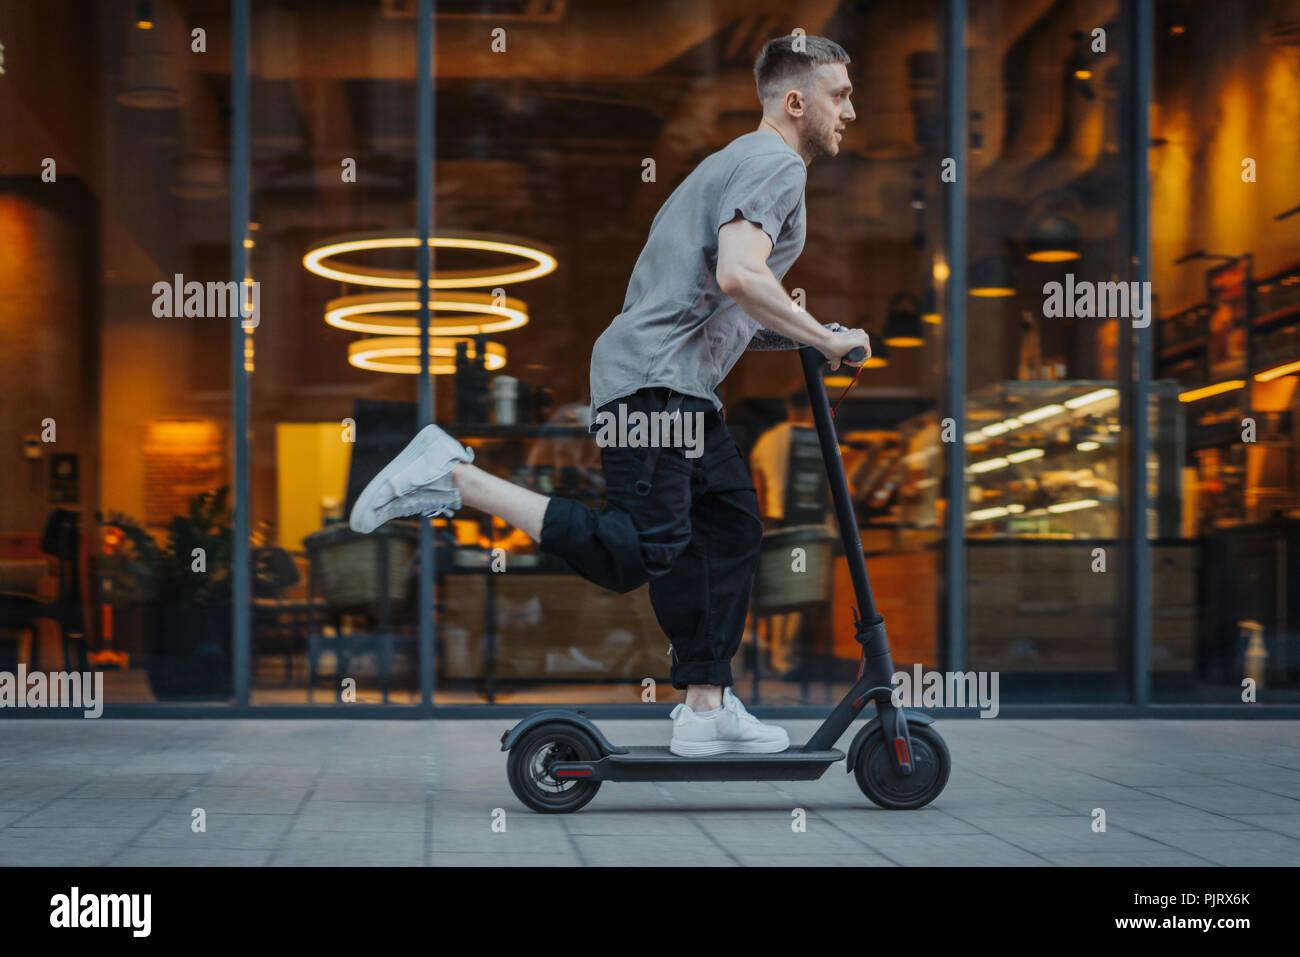 Attraente uomo a cavallo di un kick scooter a cityscape sfondo. Immagini Stock